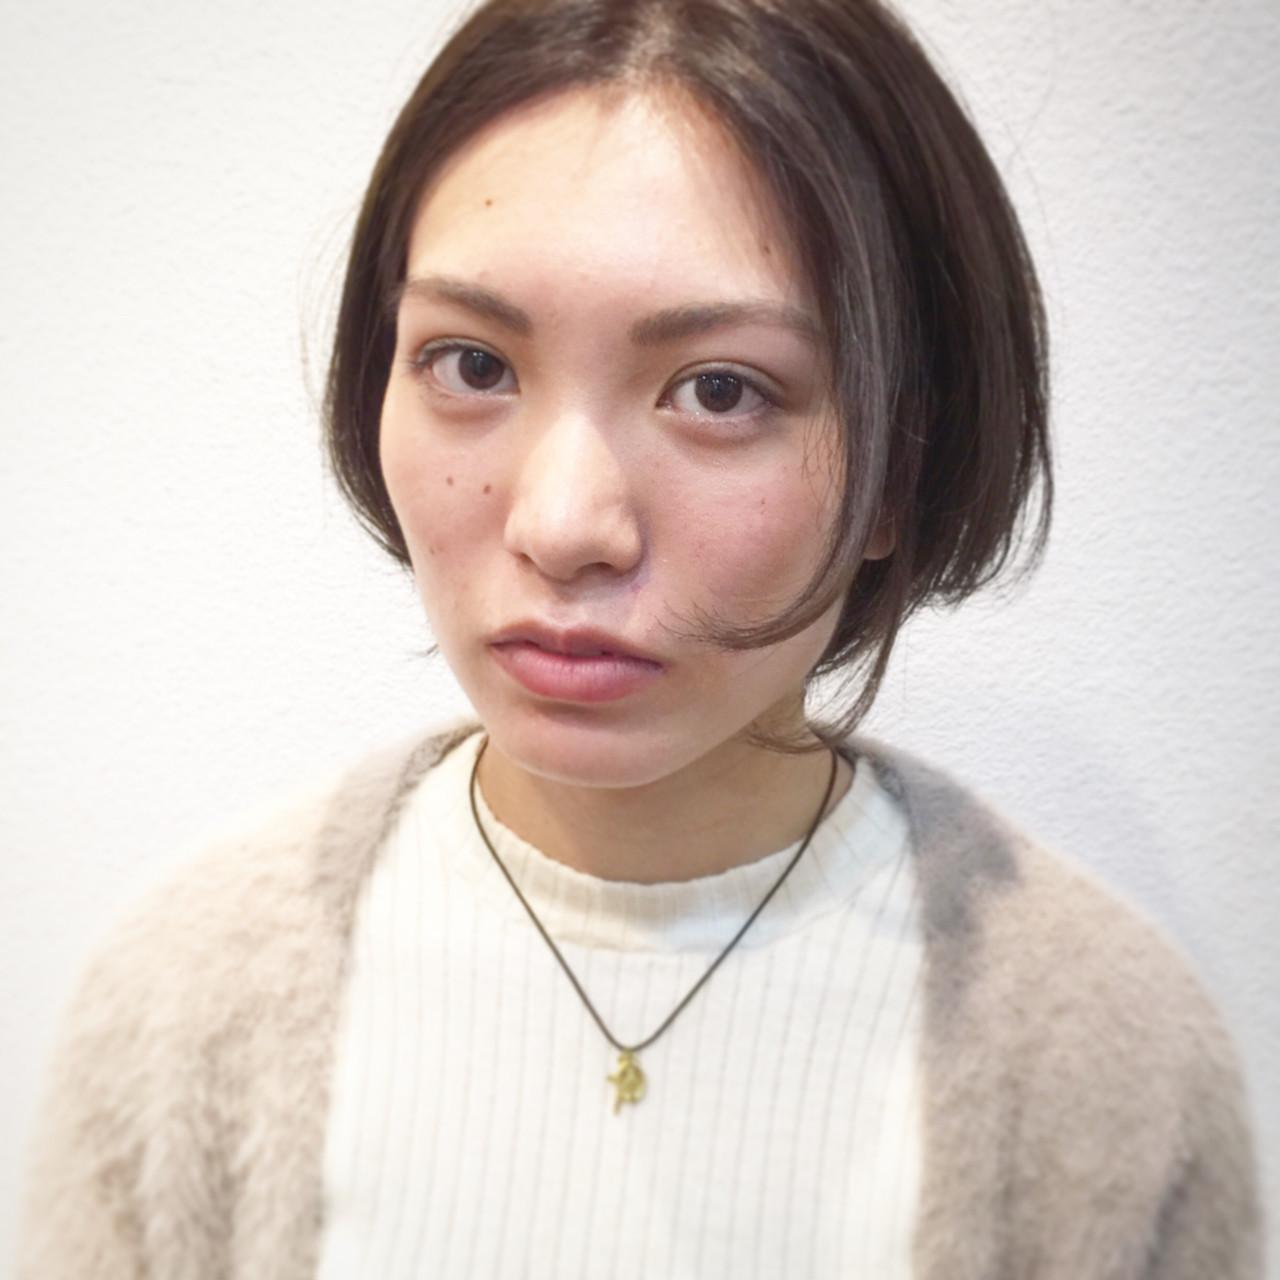 ショートボブ ハイライト センターパート ナチュラル ヘアスタイルや髪型の写真・画像 | 市川 和宏 / TSUKURU  (つくる)